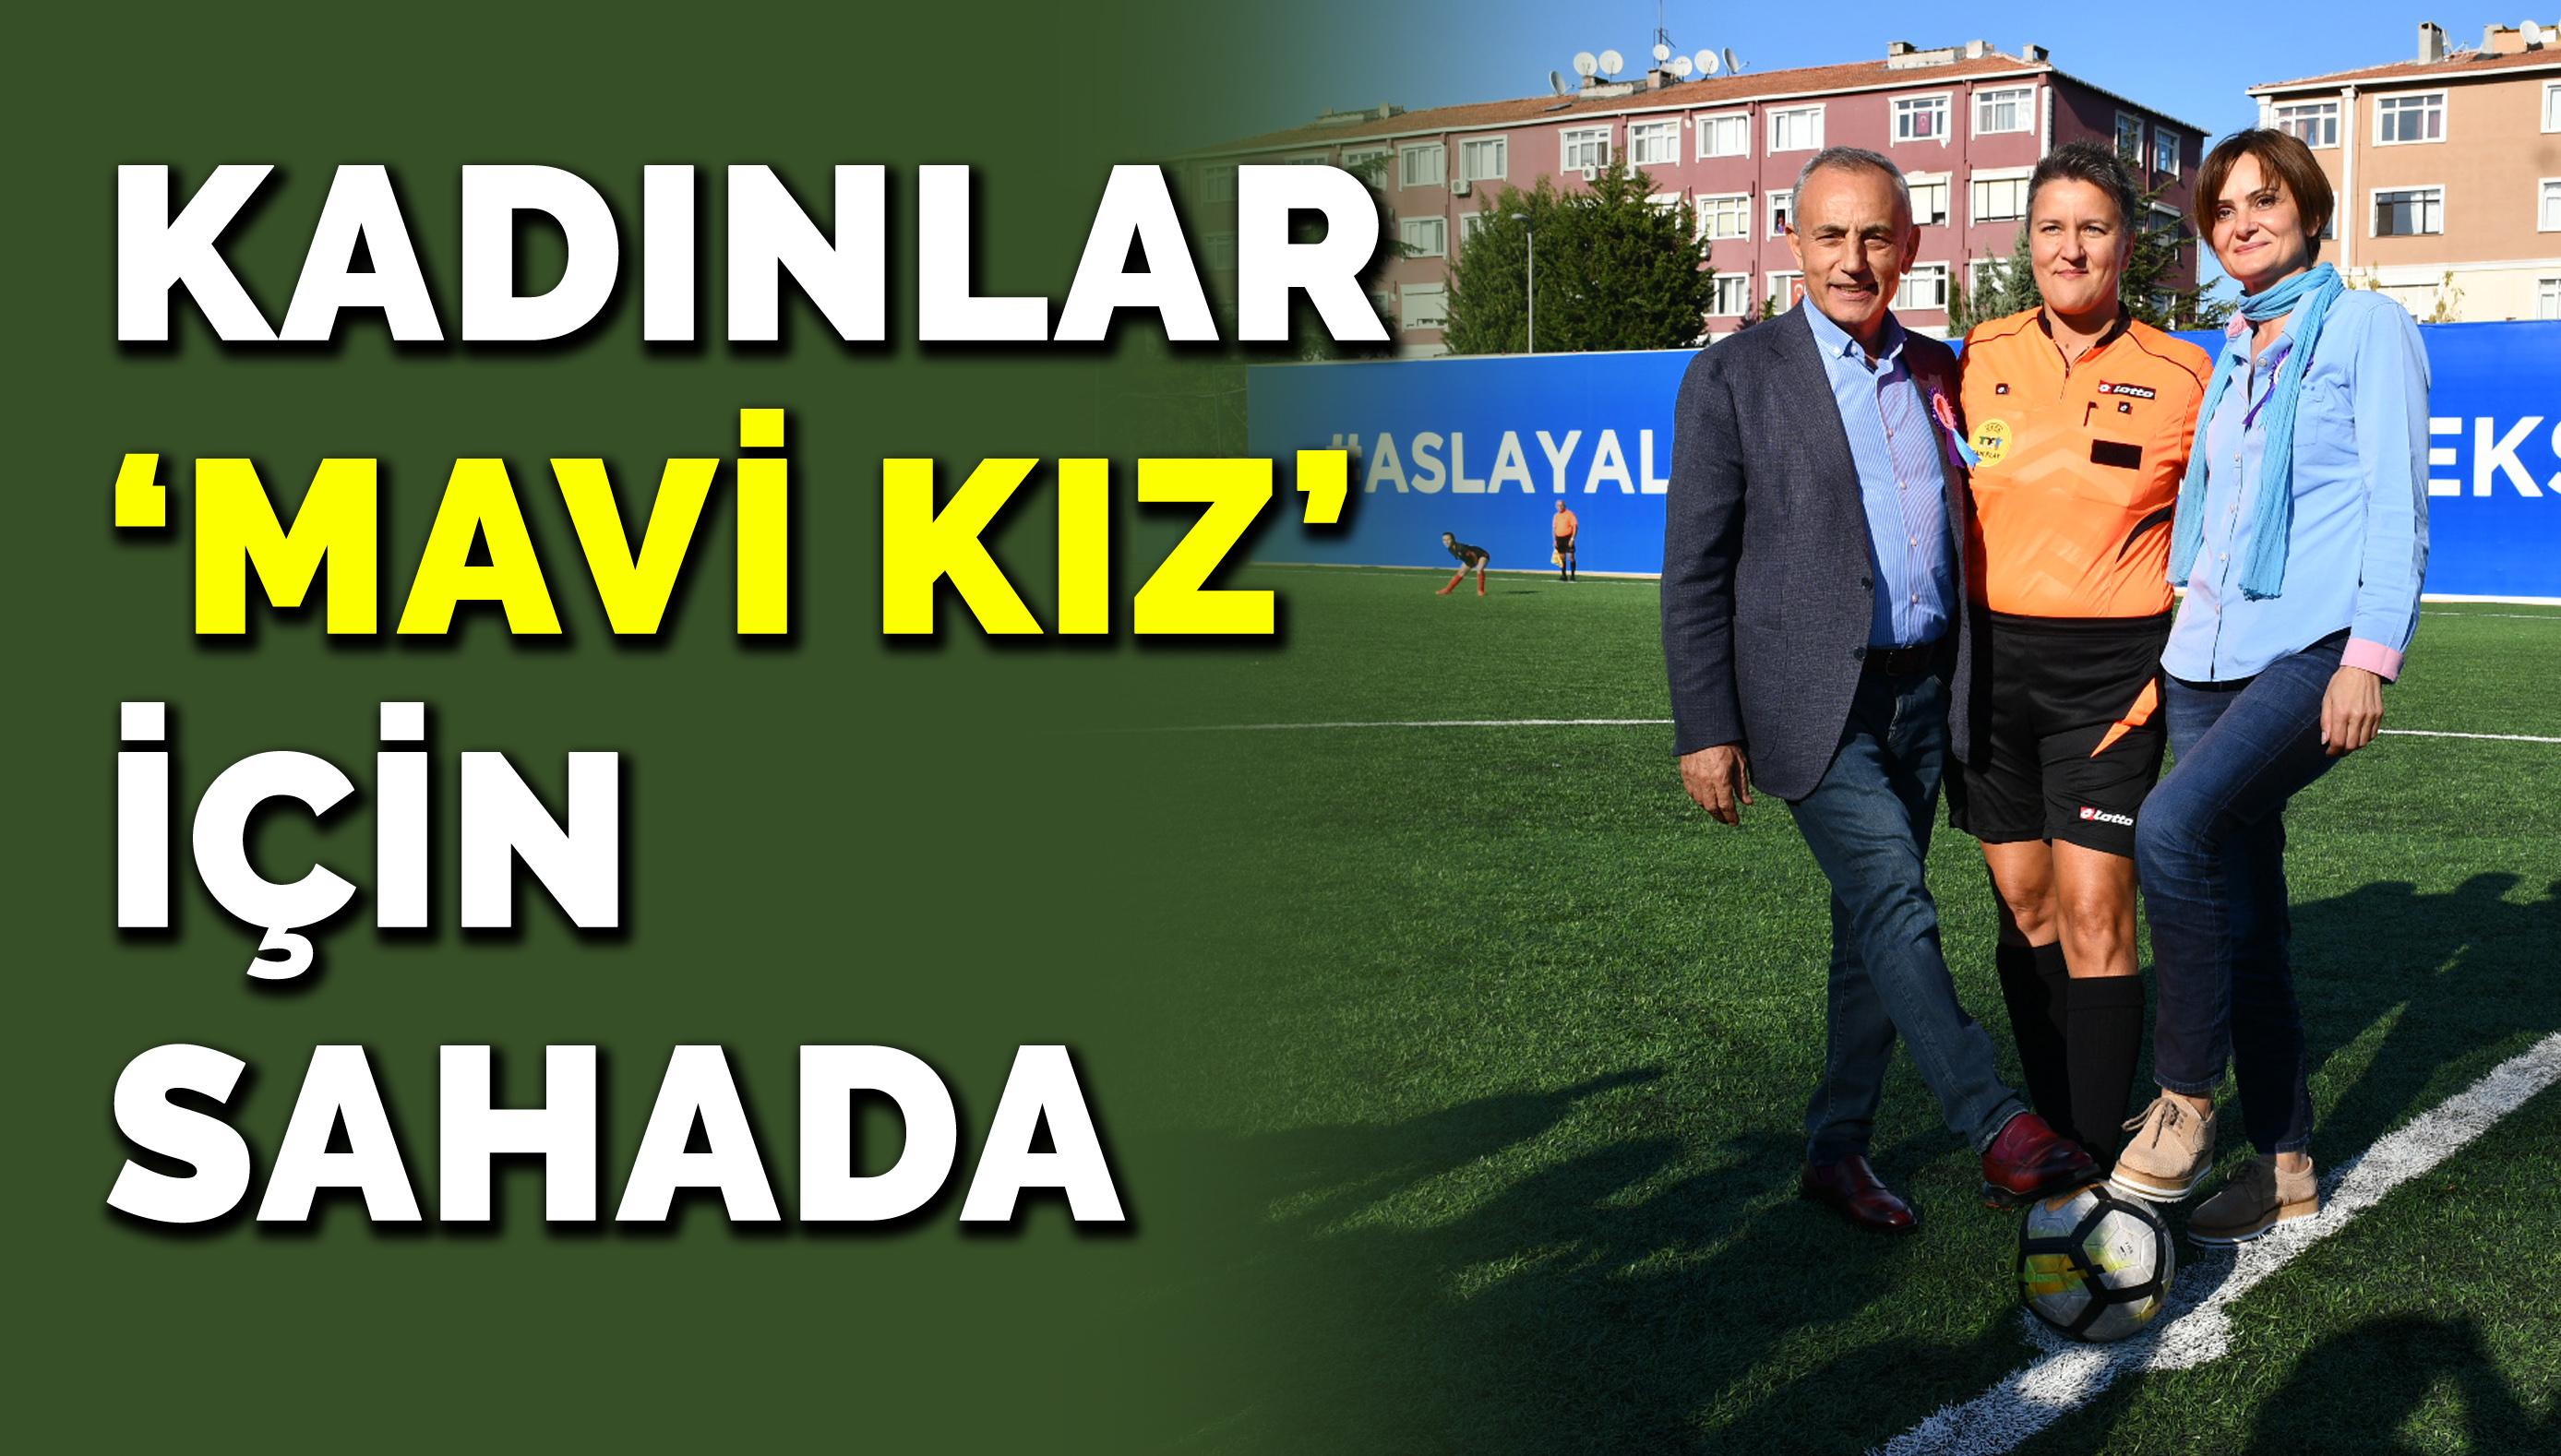 KADINLAR 'MAVİ KIZ' İÇİN SAHADA